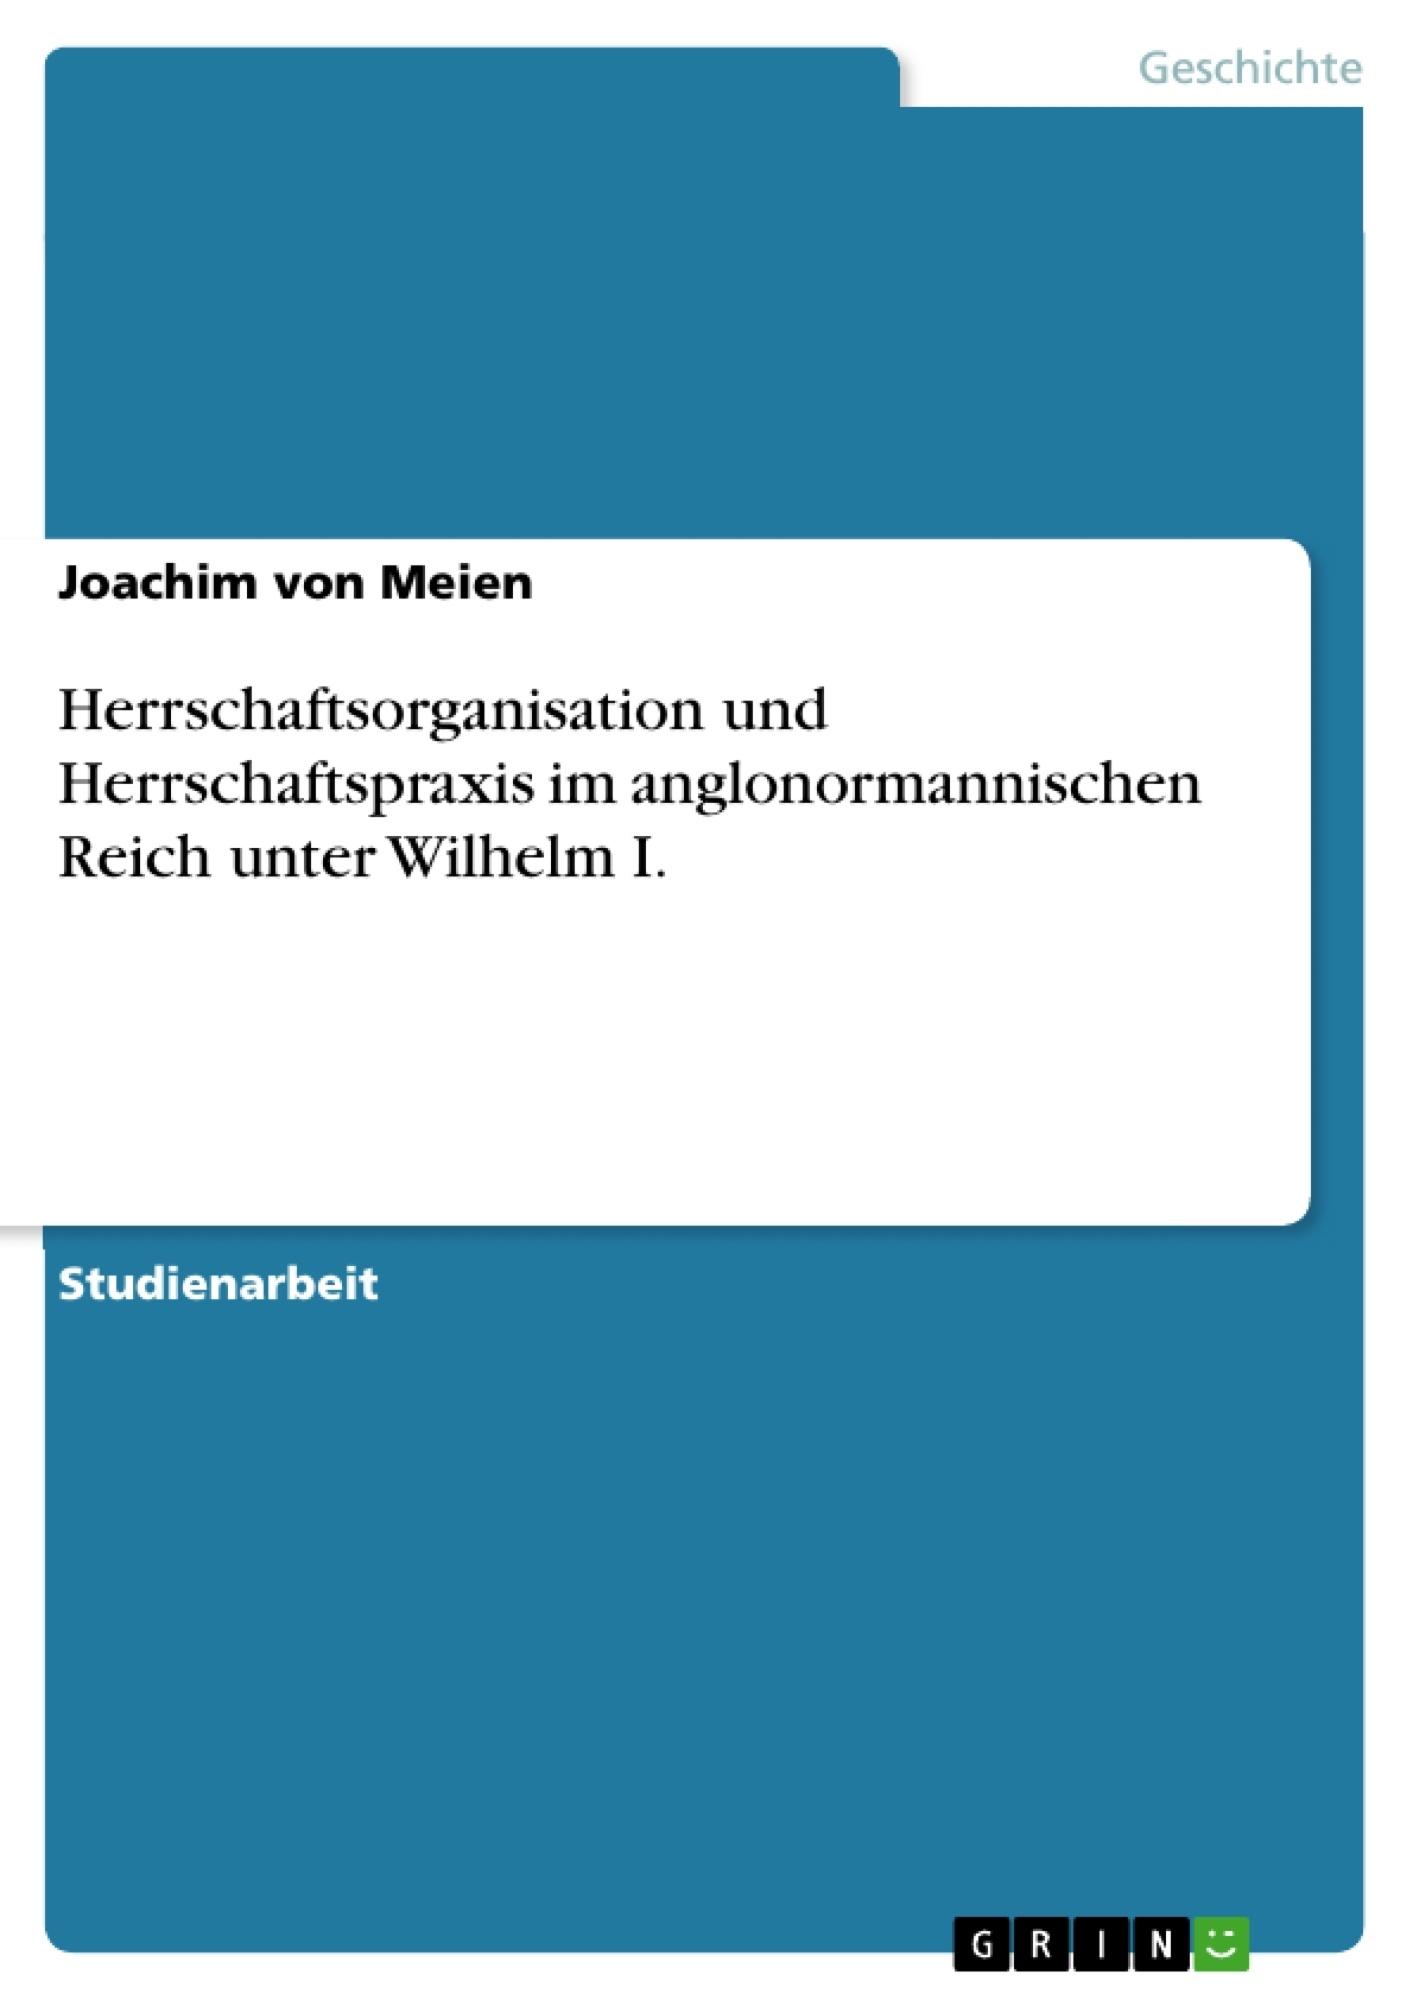 Titel: Herrschaftsorganisation und Herrschaftspraxis im anglonormannischen Reich unter Wilhelm I.